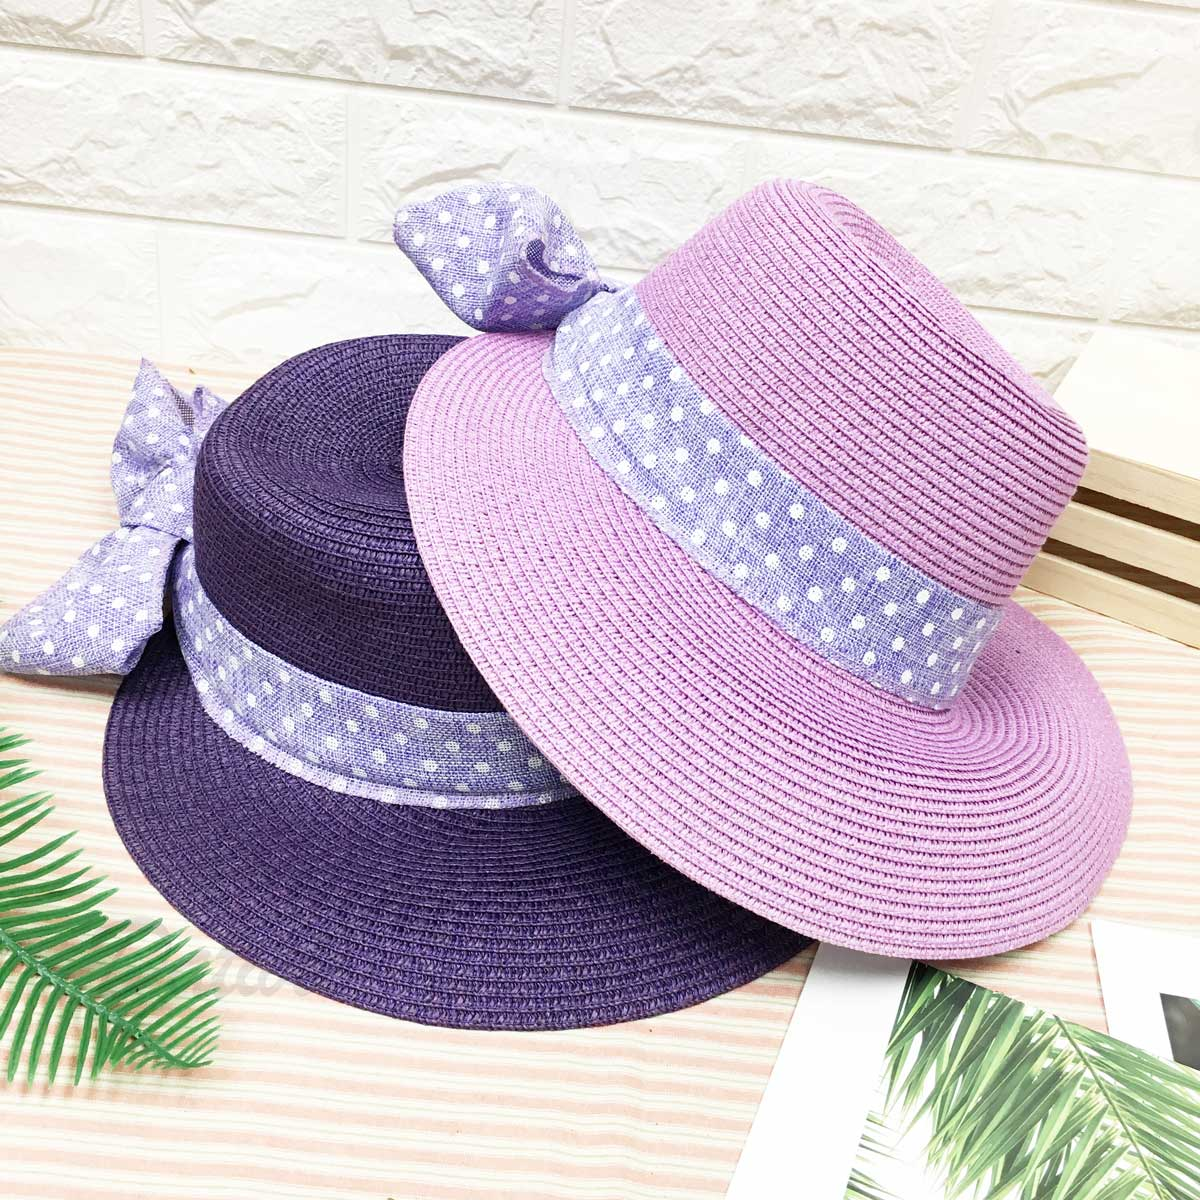 編織款 鴨舌草帽 繽紛 後面大綁帶 淡紫色蝴蝶結 點點配色 帽子 遮陽帽 草帽